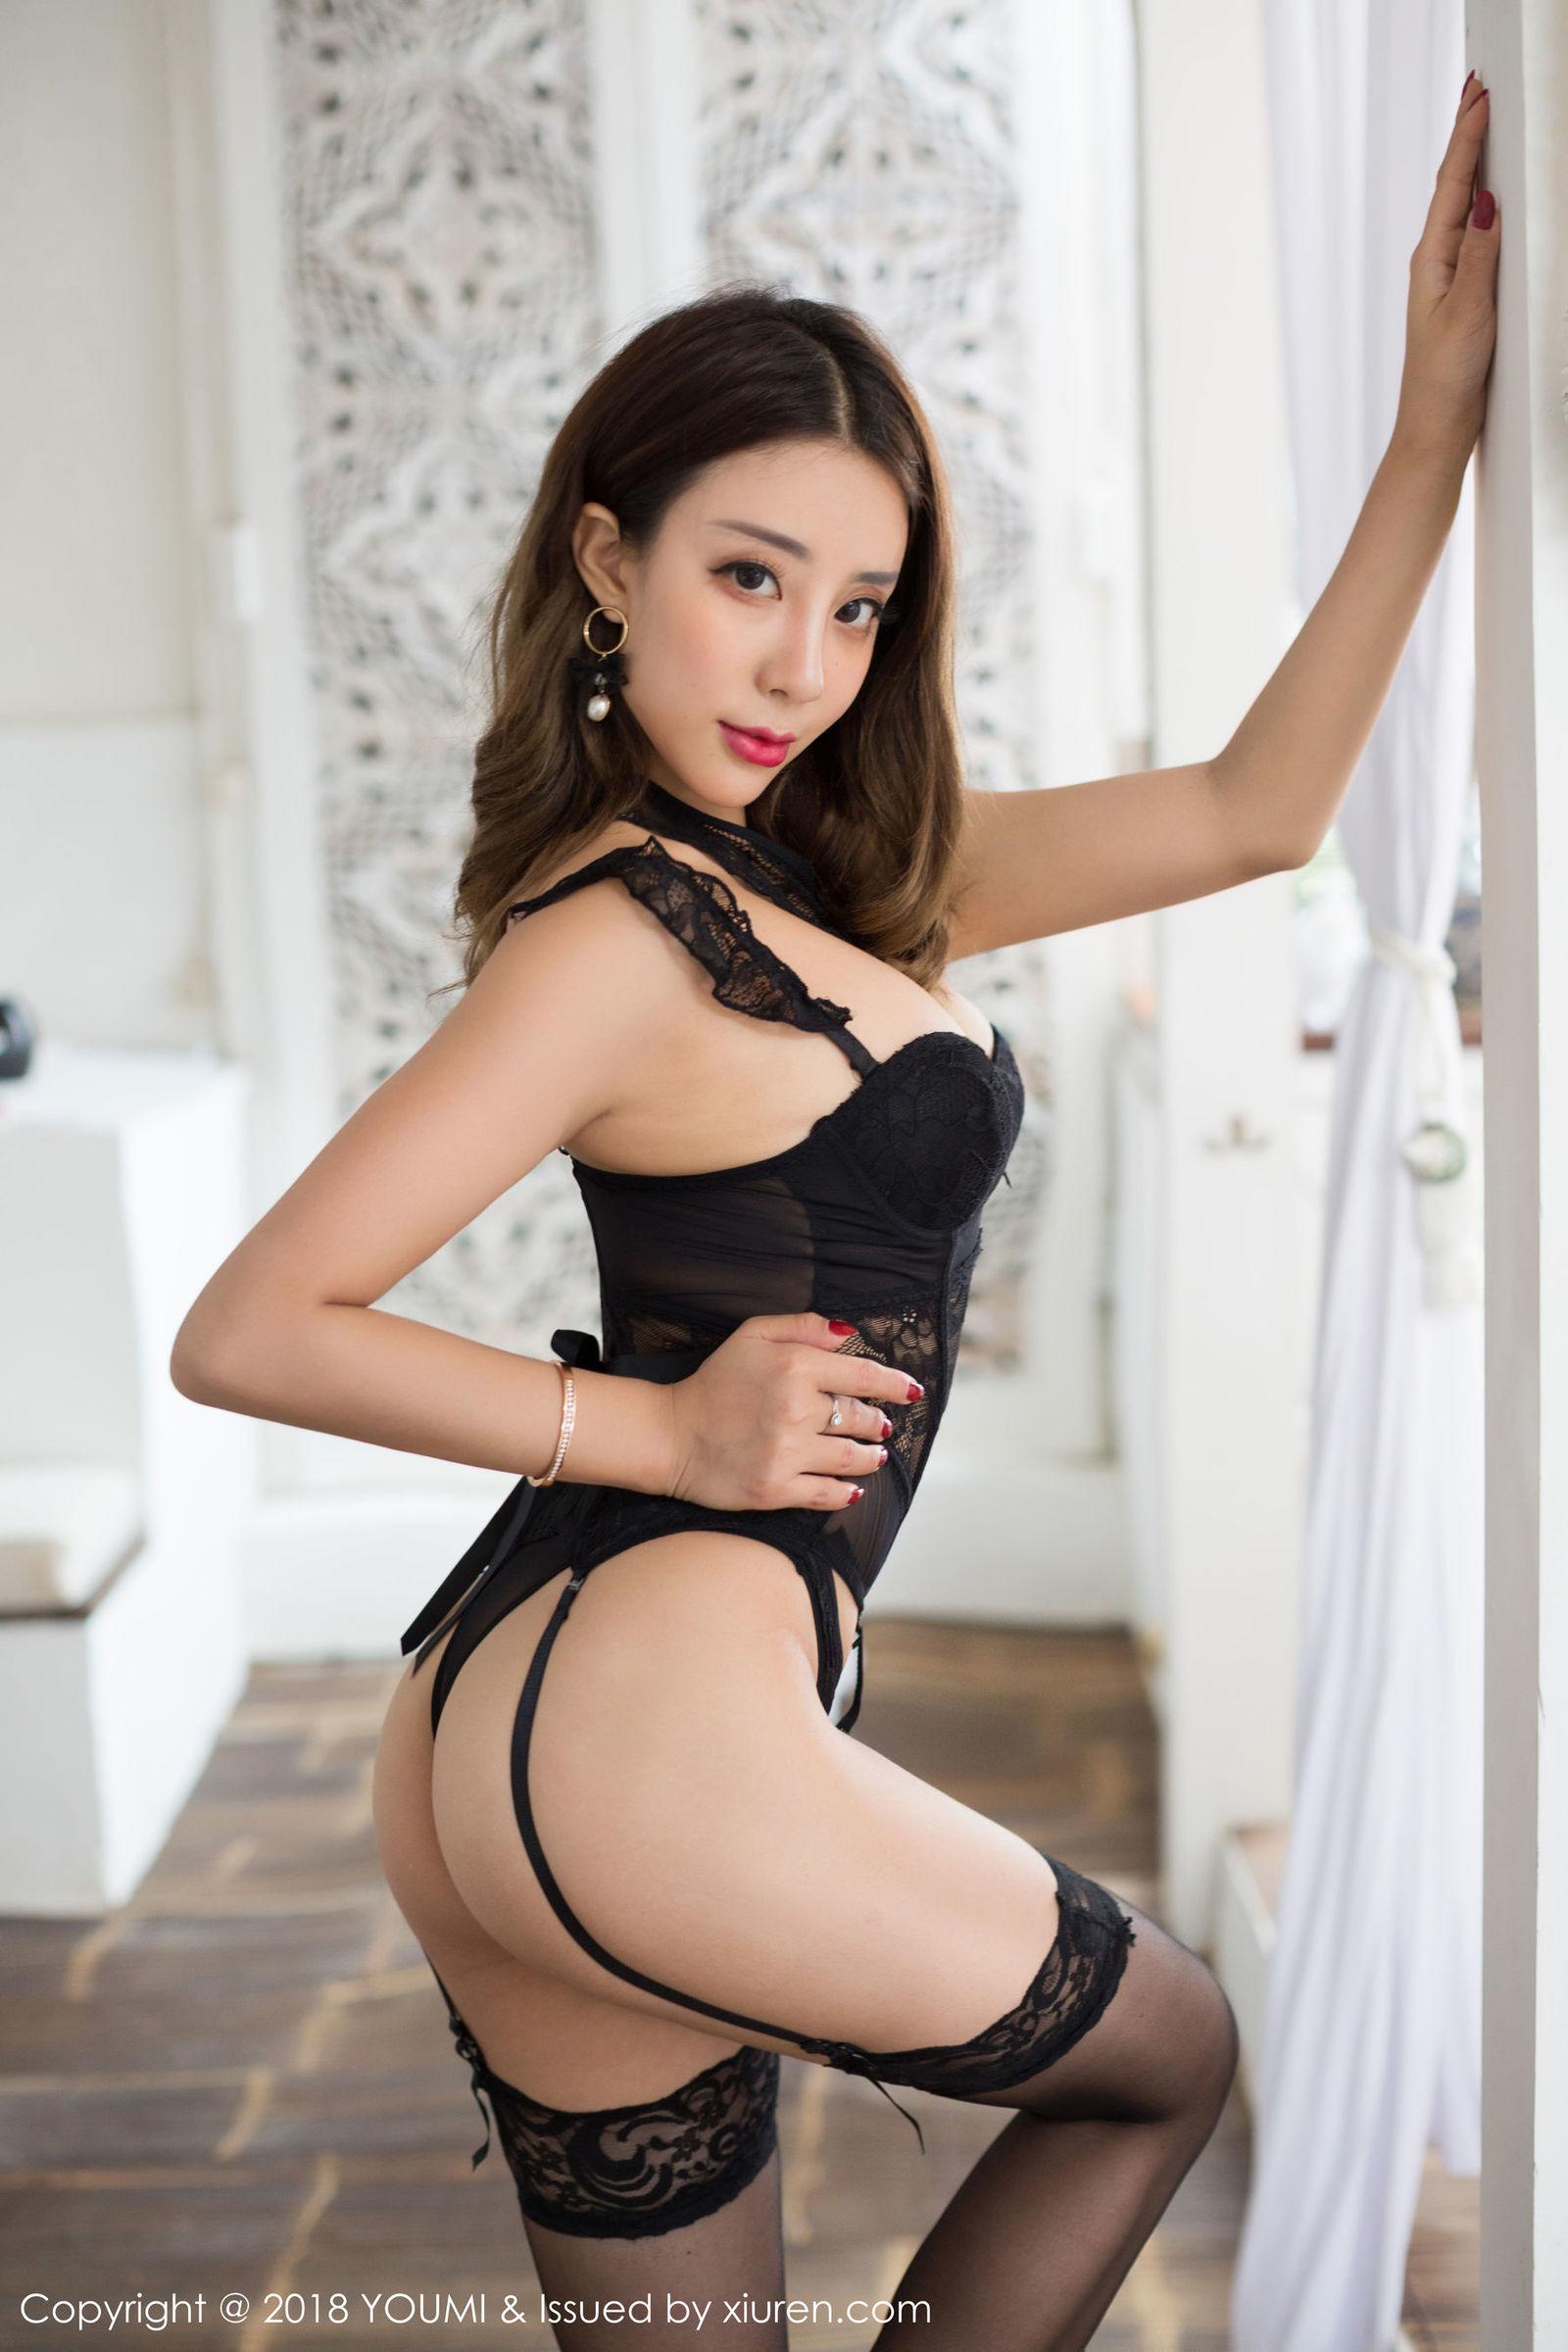 [YouMi尤蜜荟] Vol.170 模特@筱慧icon - 苏梅岛旅拍第五套丝袜美图[39P]